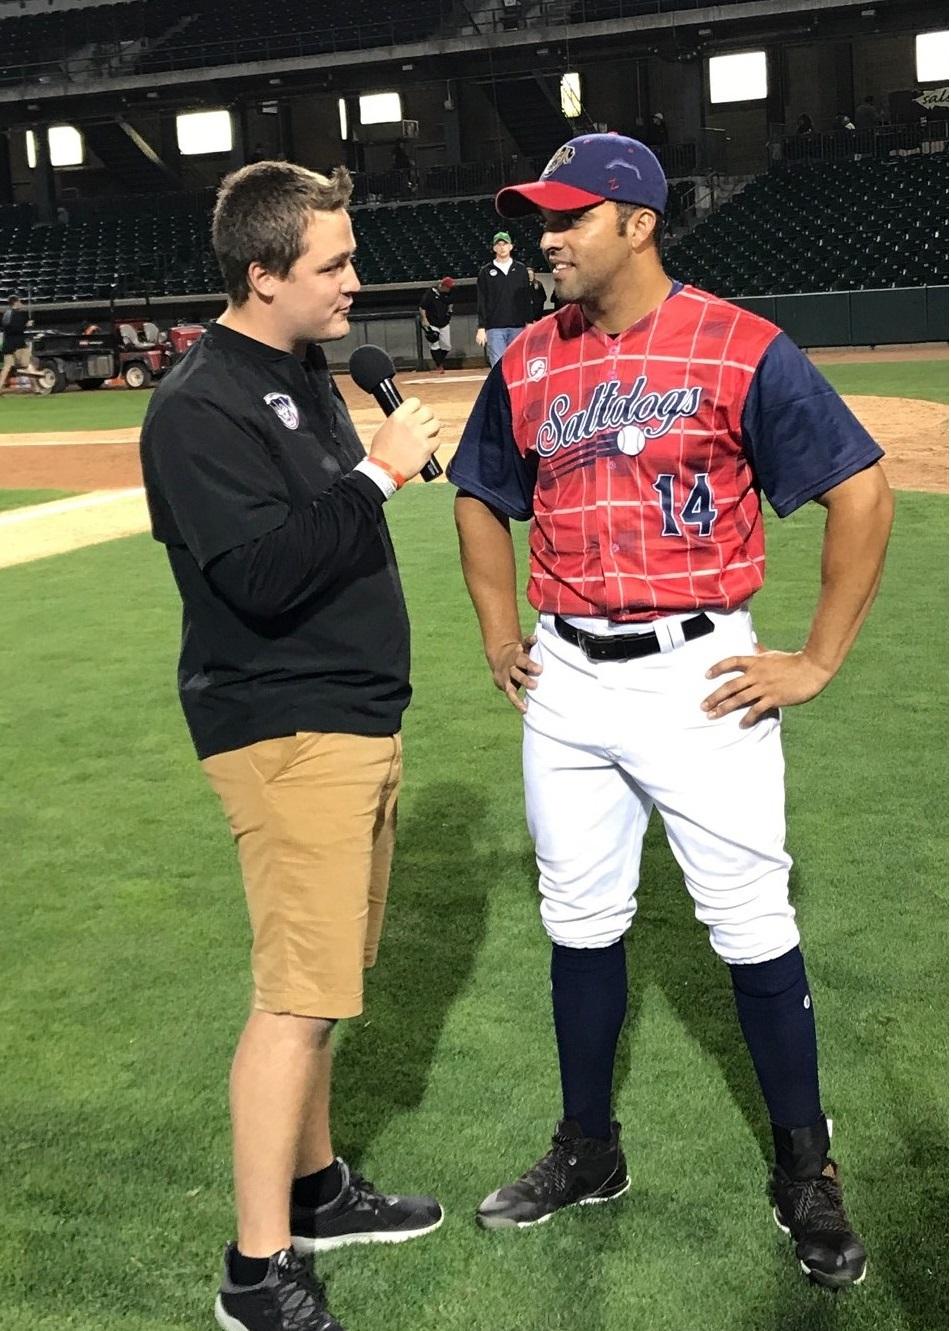 Ryan Schreurs (left) interviews Randolph Oduber, a Salt Dogs baseball player, during Schreurs' internship in summer 2018.